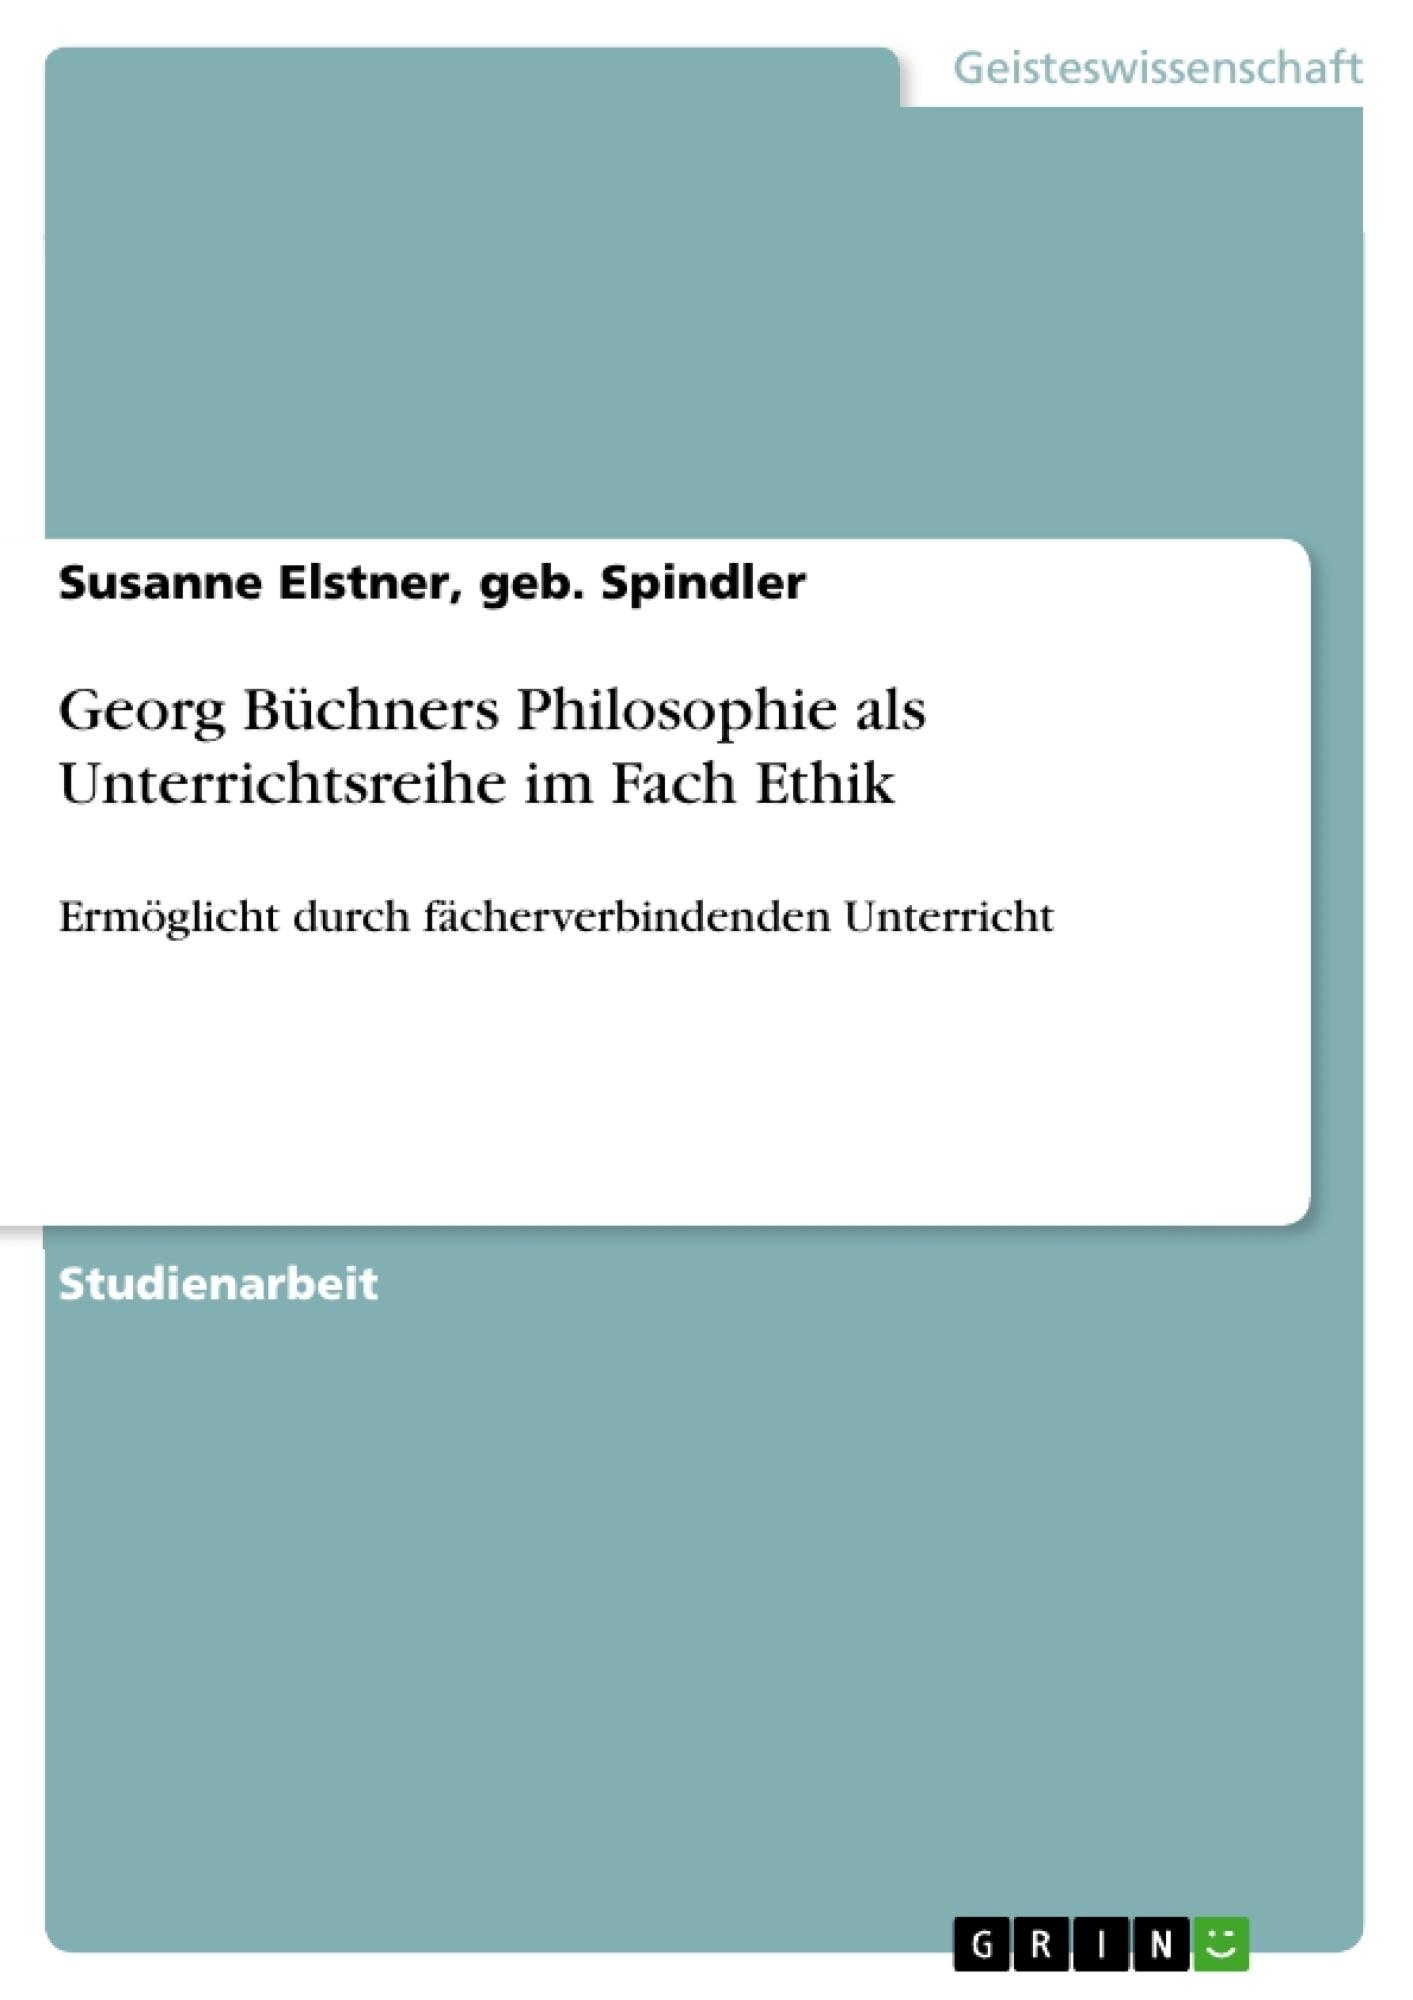 Titel: Georg Büchners Philosophie als Unterrichtsreihe im Fach Ethik